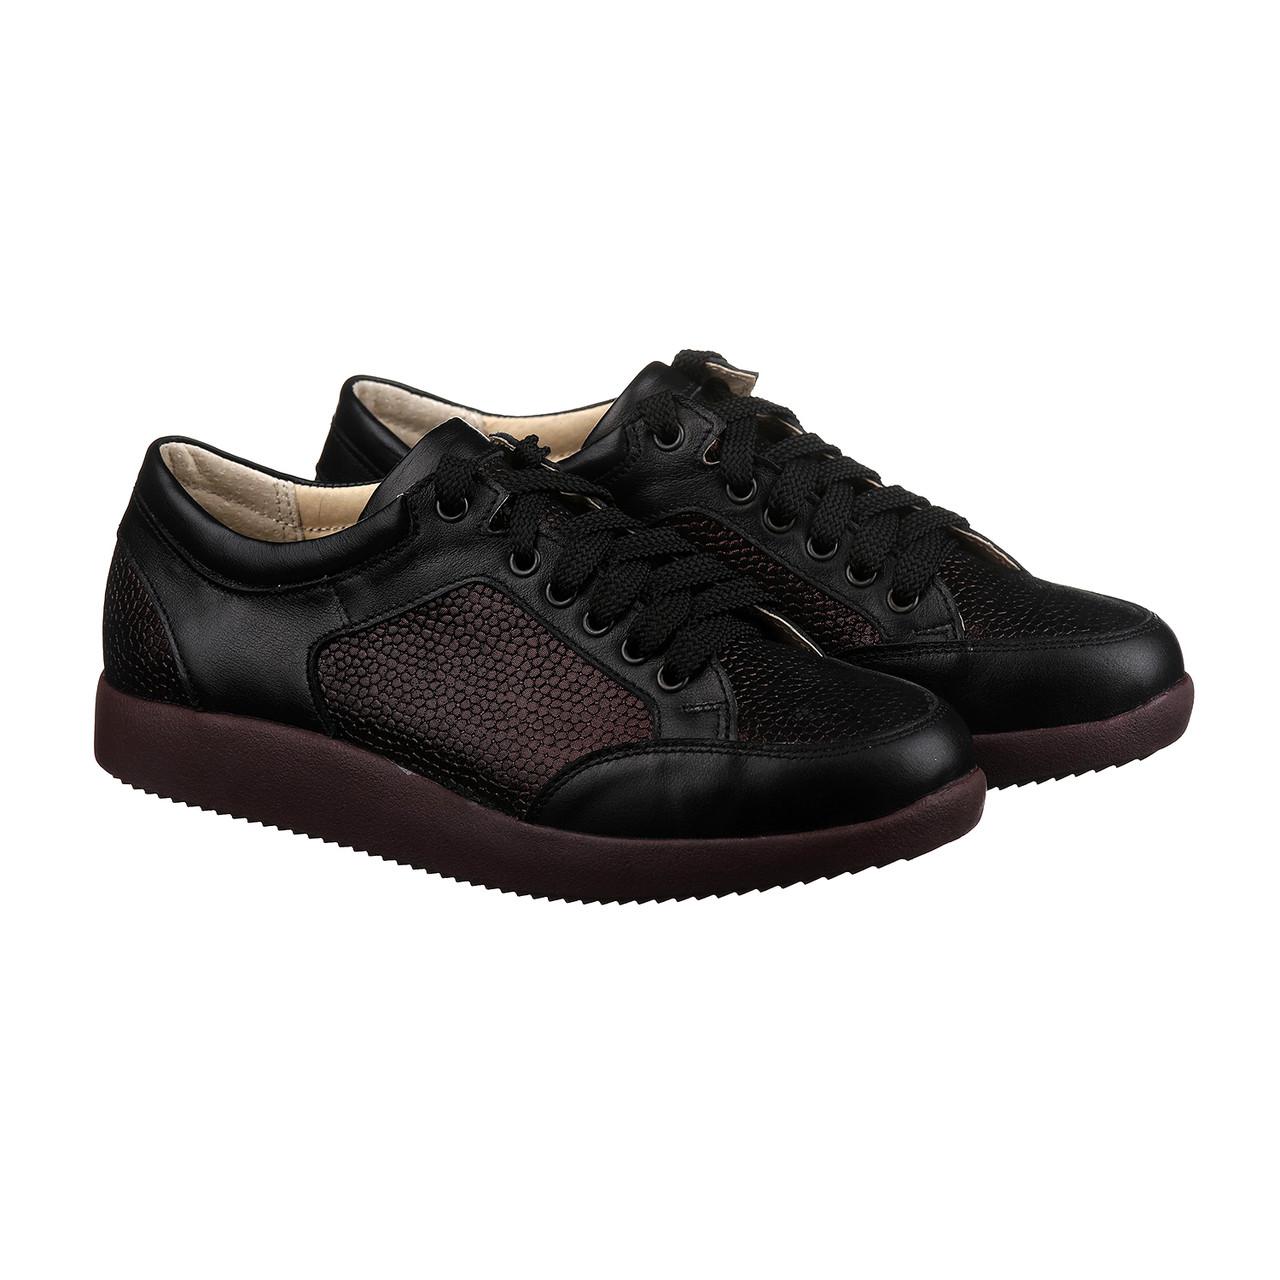 Женские стильные кроссовки черно-бордового цвета размер 37, фото 1